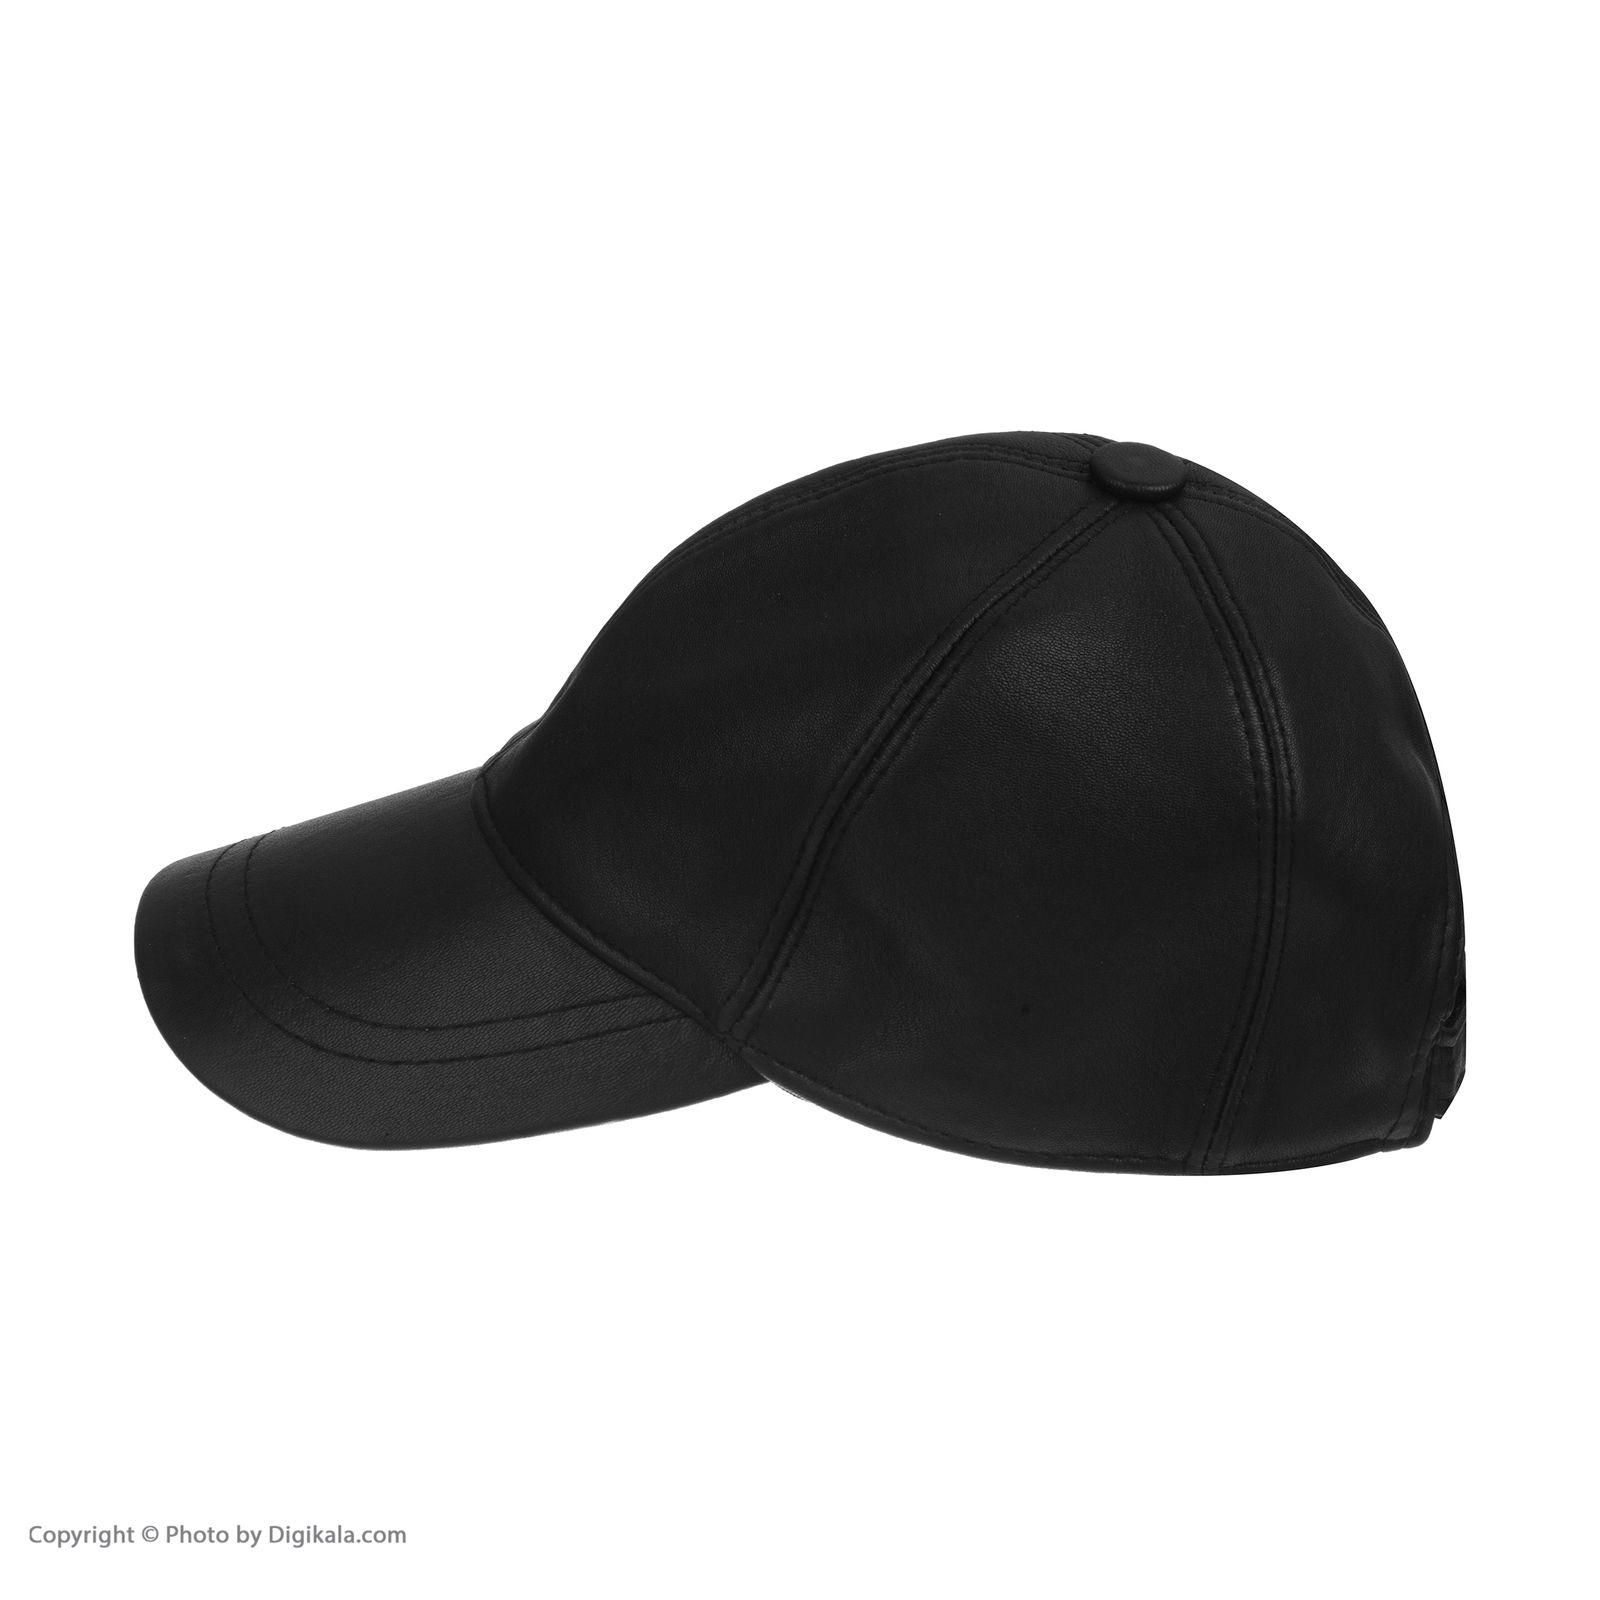 کلاه شیفر مدل 8701A01 - مشکی - 1